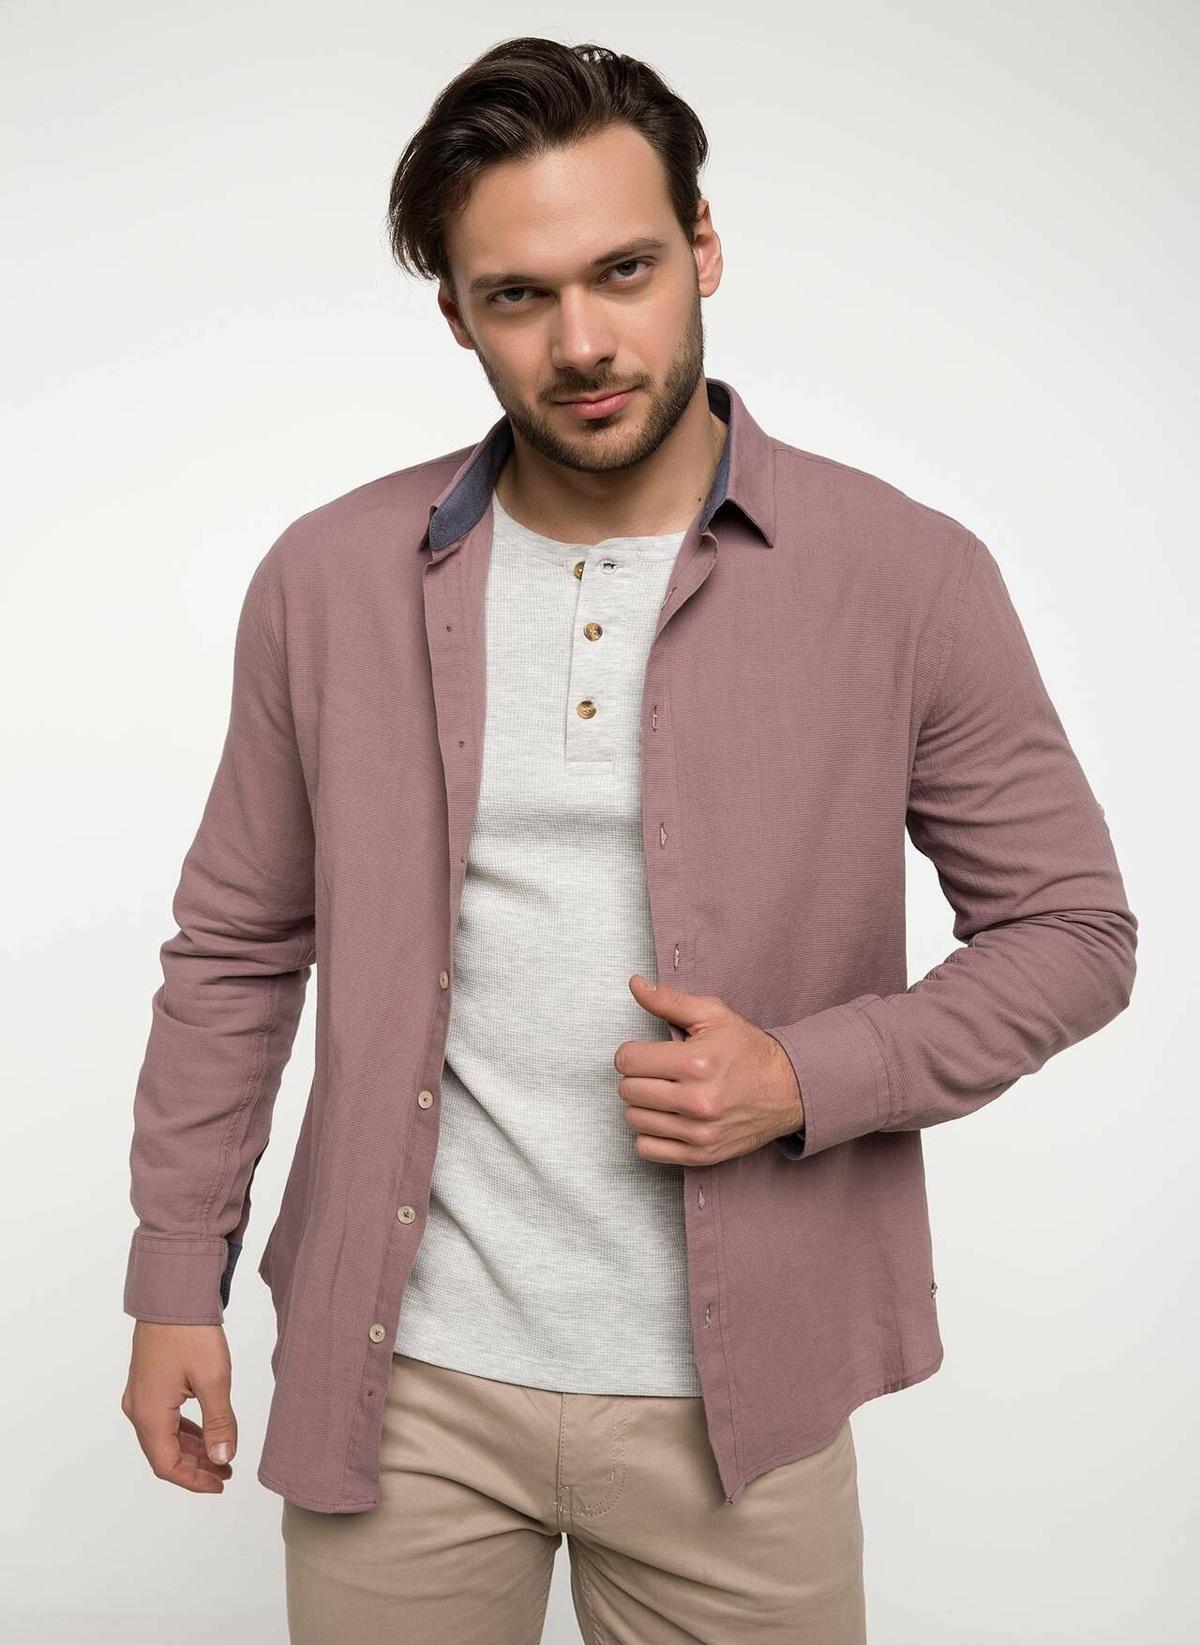 Defacto Polo Yaka Slim Fit Uzun Kollu Gömlek I0968az18sppn379 Gömlek – 29.99 TL